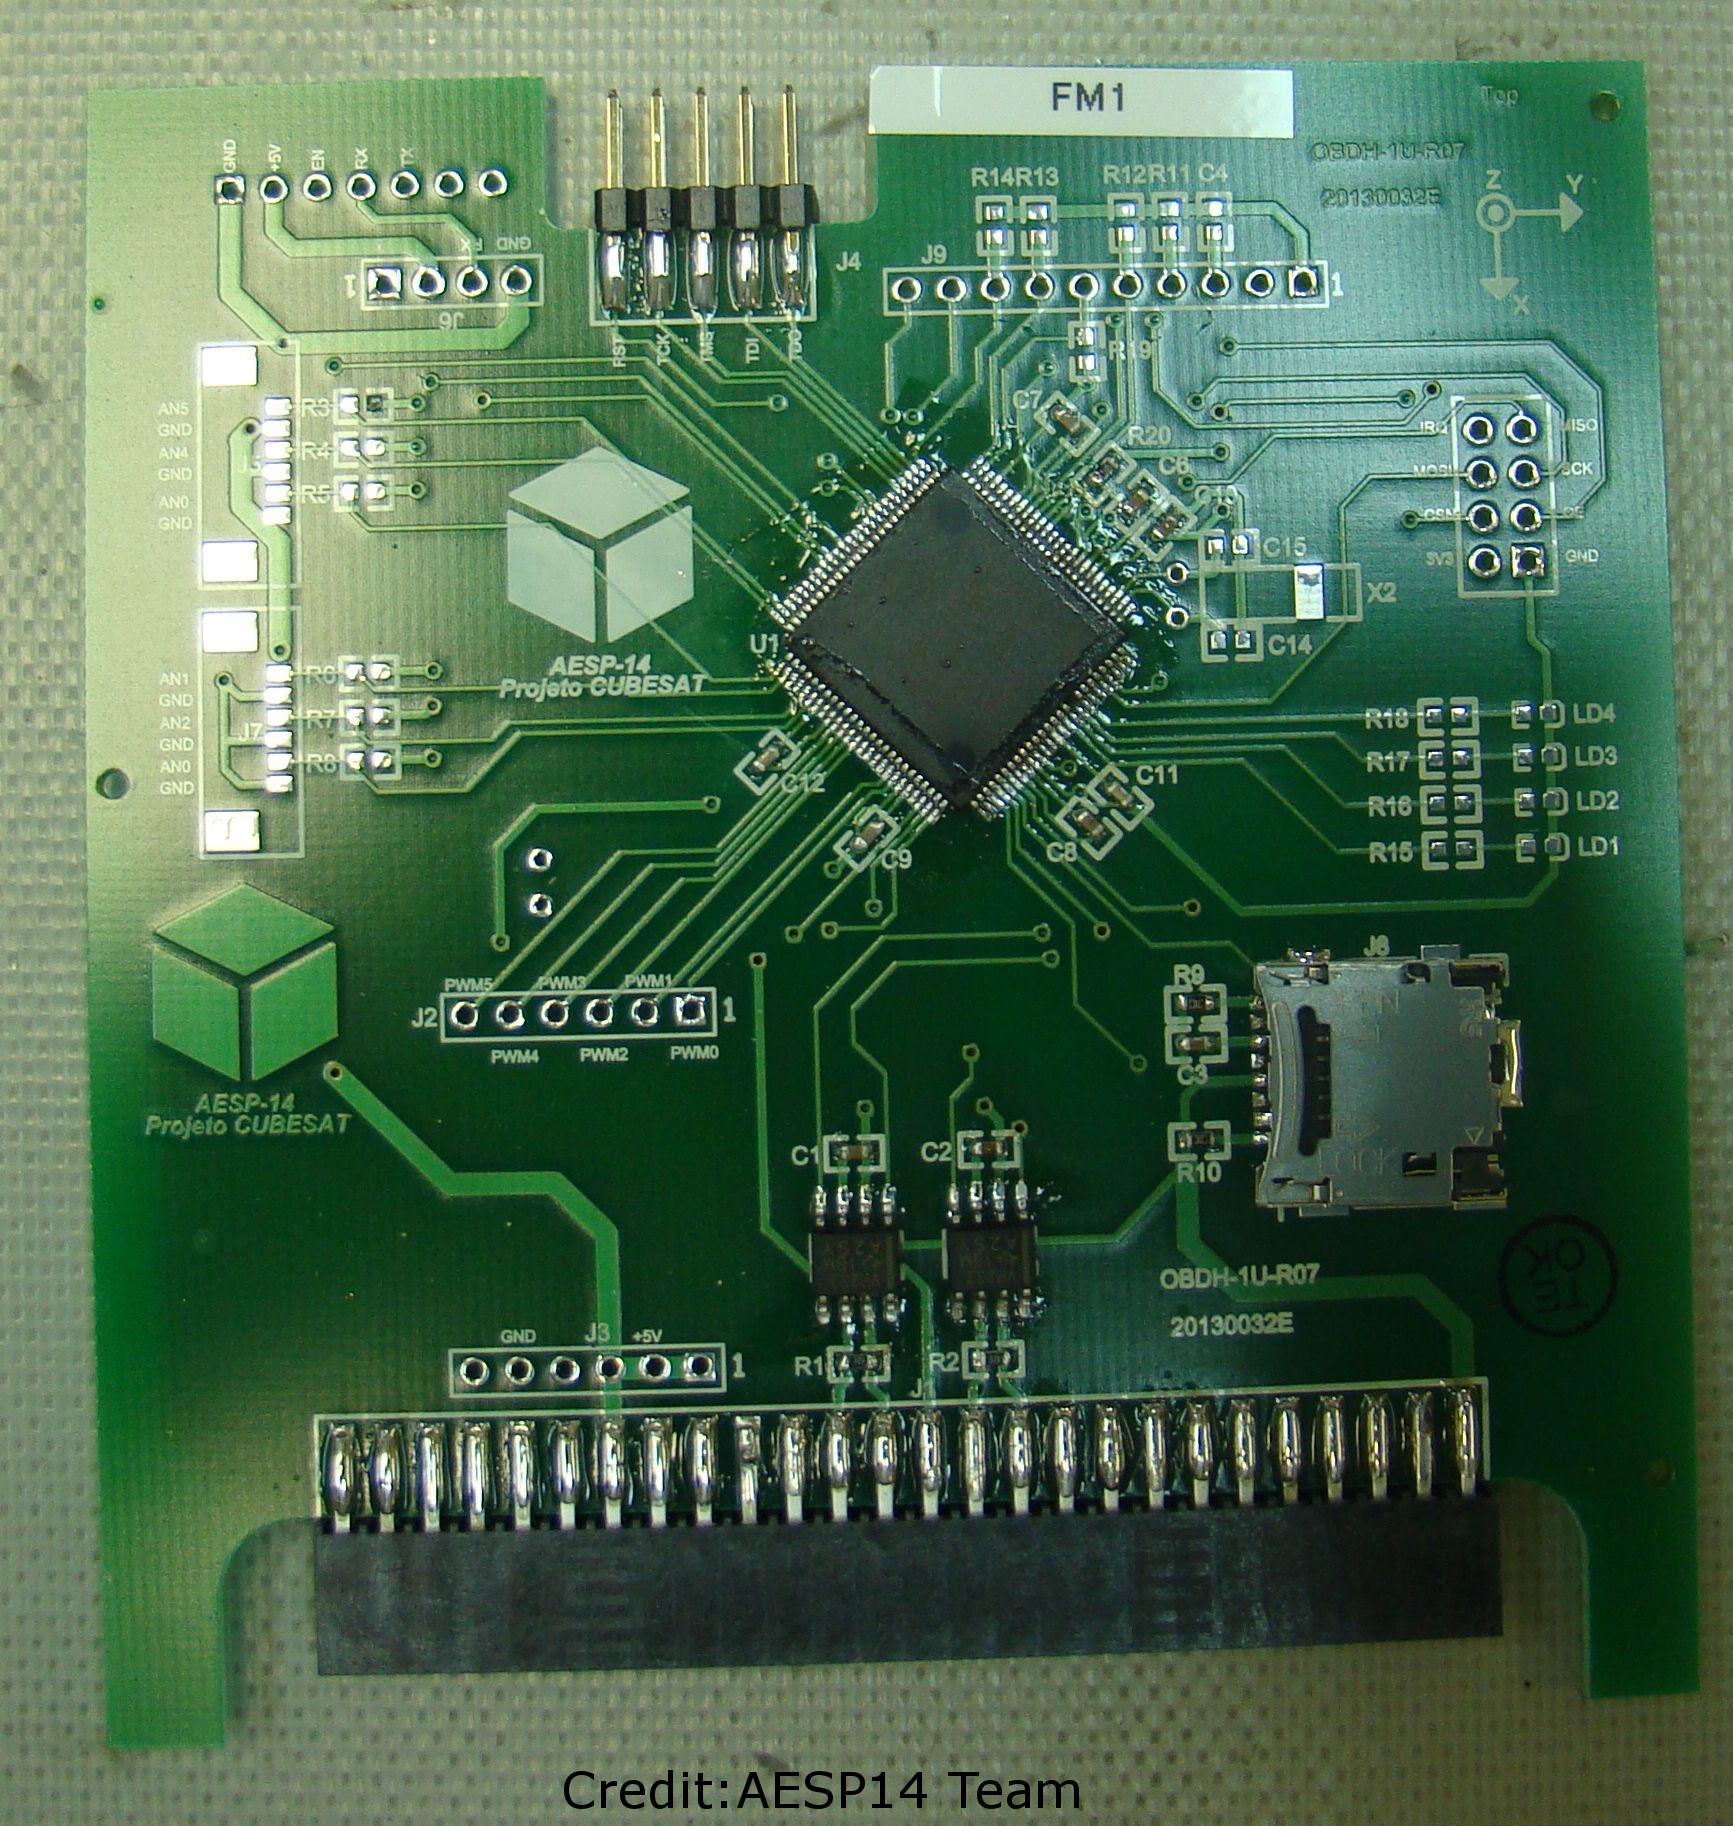 Project AESP14 Cubesat